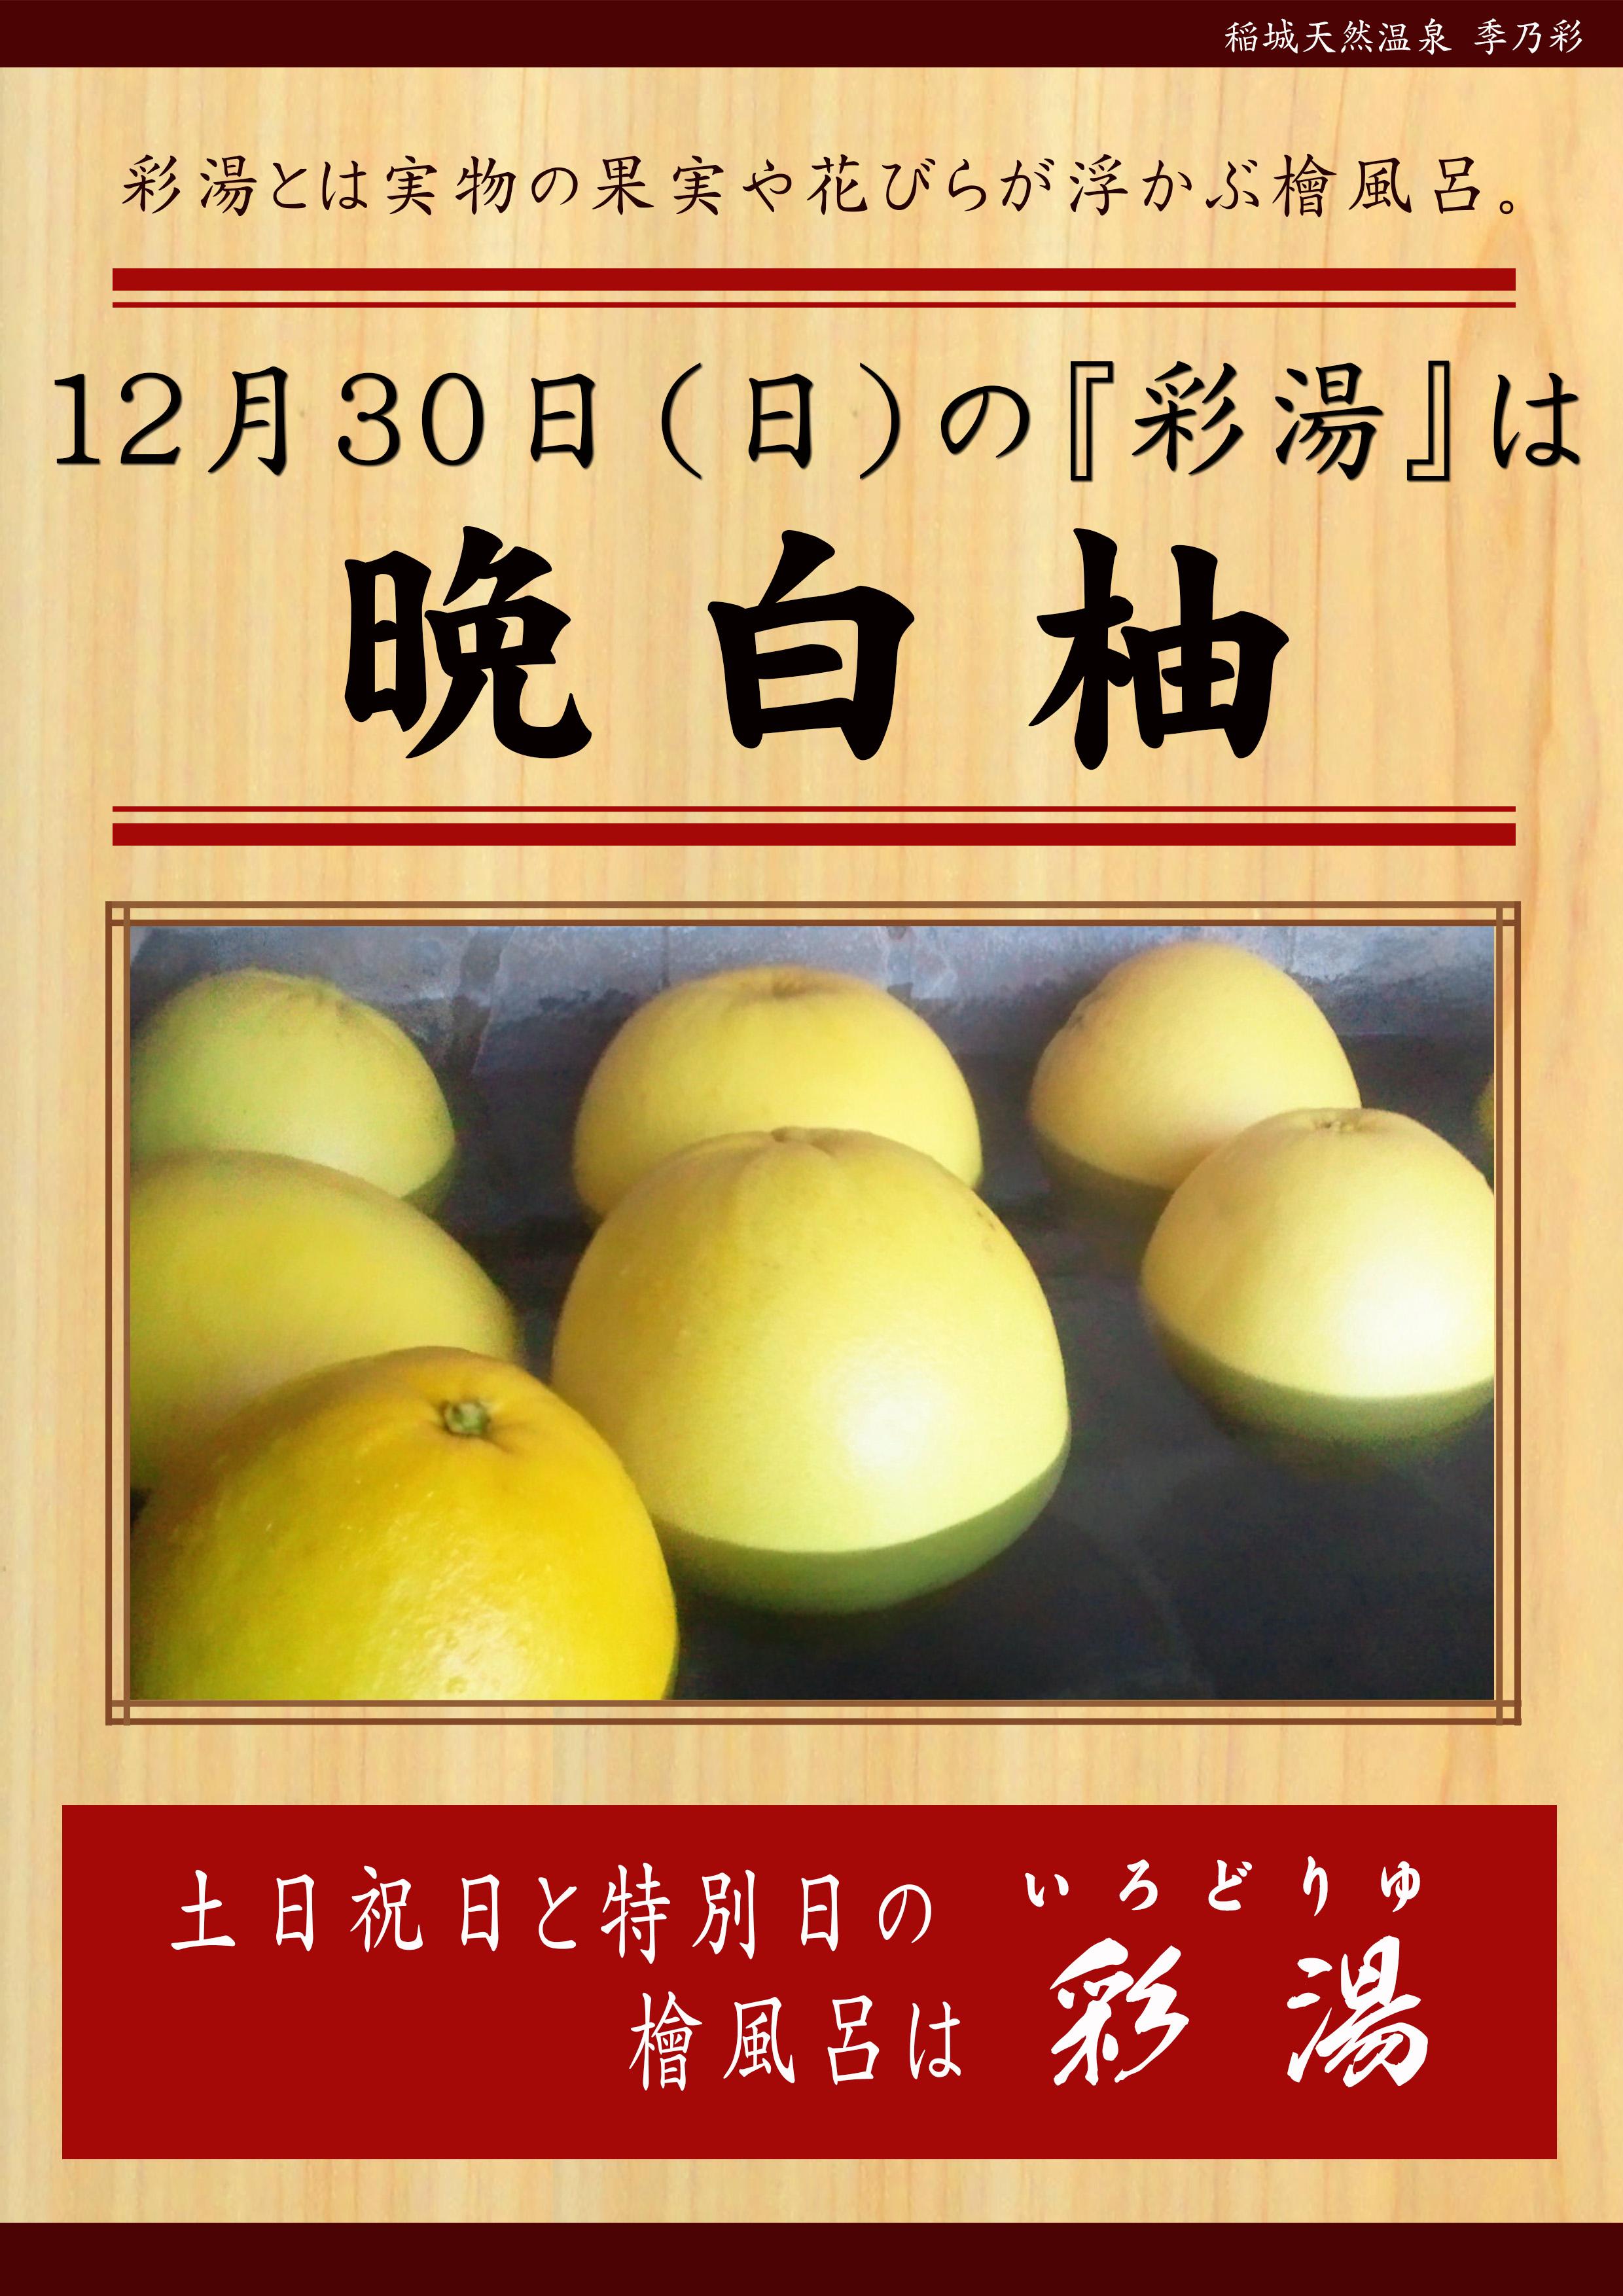 20181230POP イベント 彩湯 晩白柚